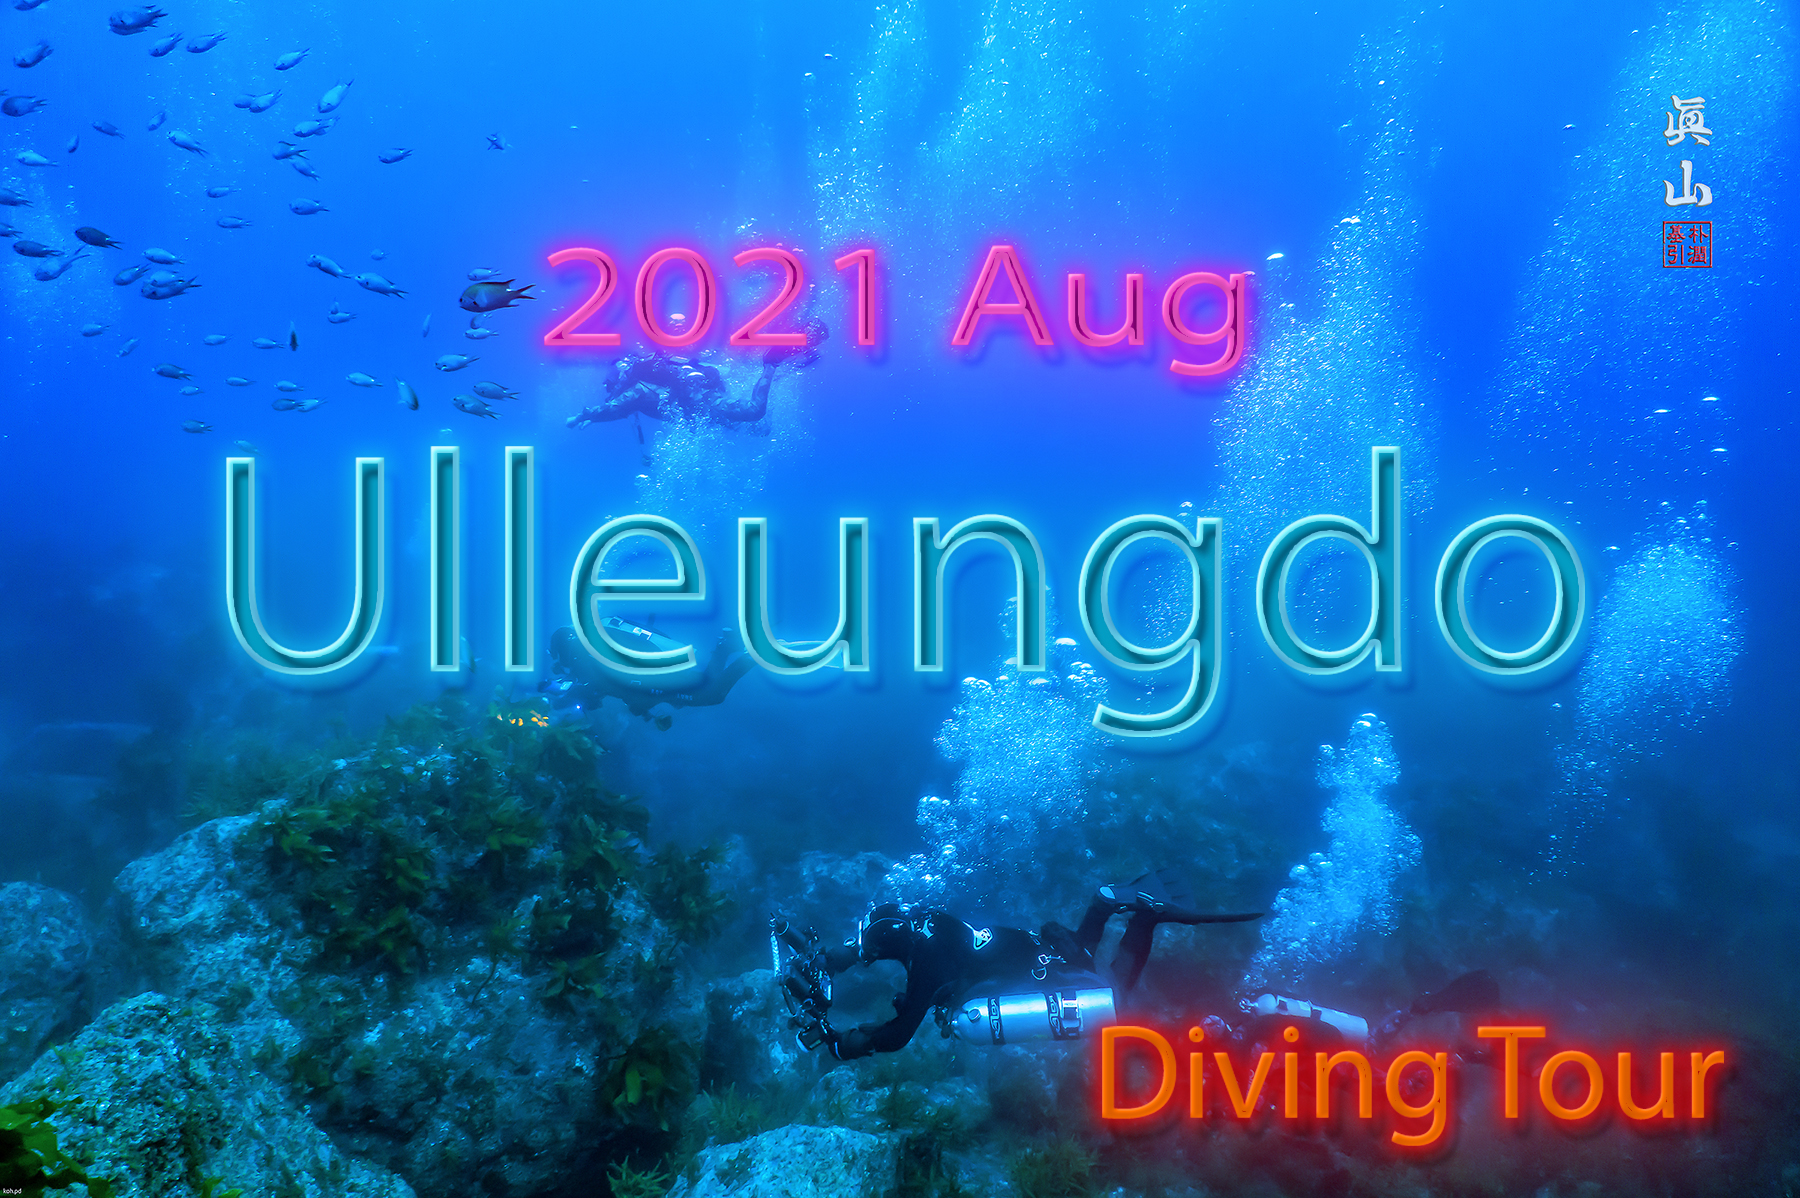 2021년 울릉도 다이빙 투어